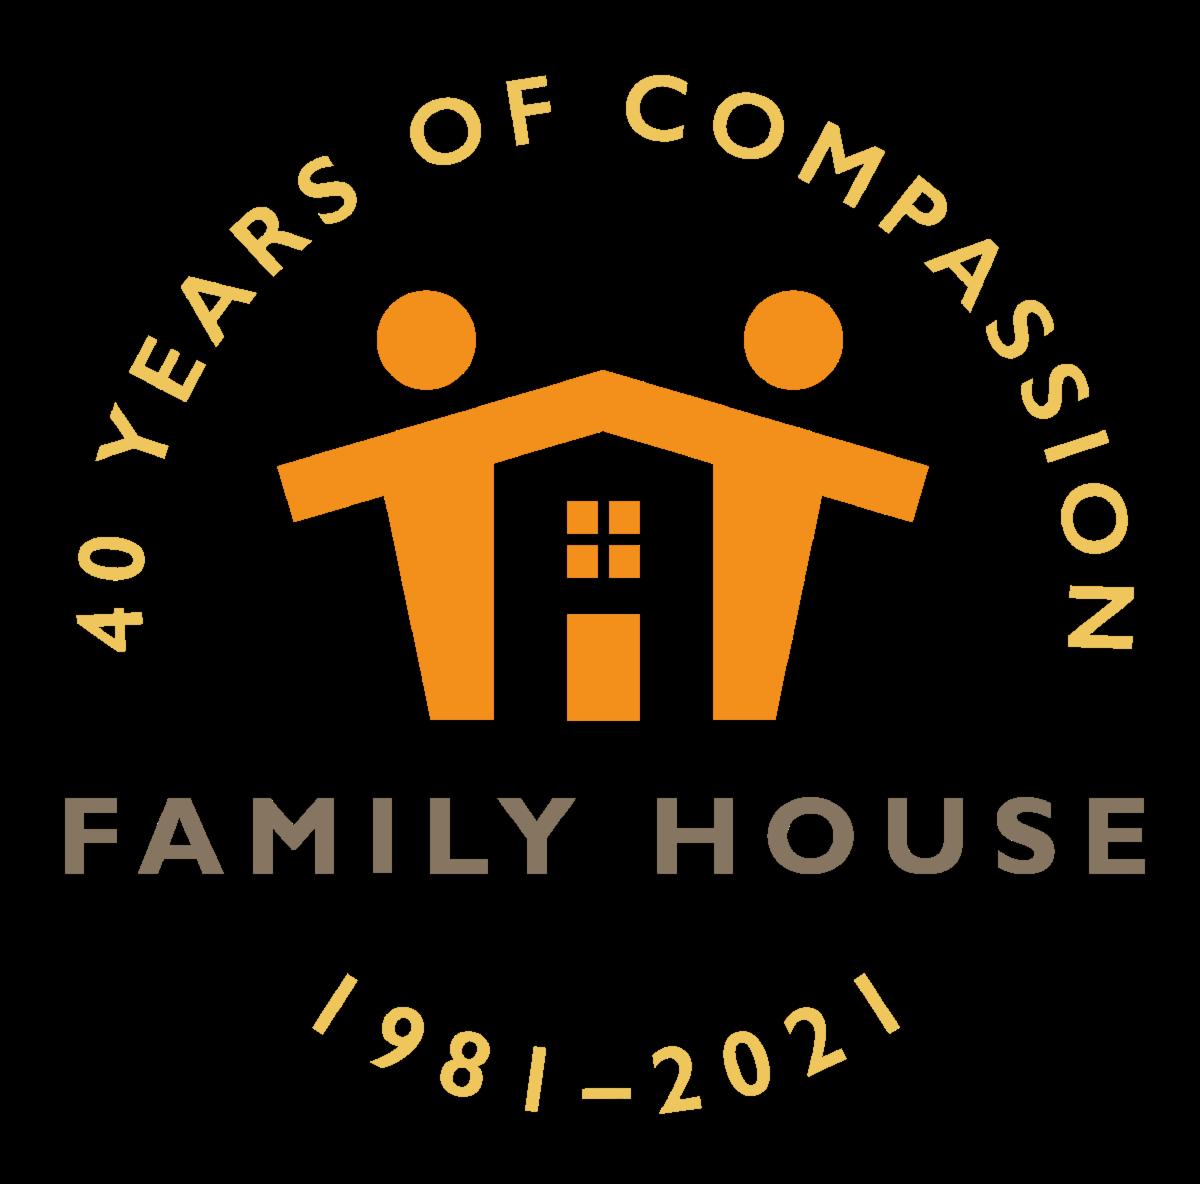 40th Anniversary Family House logo